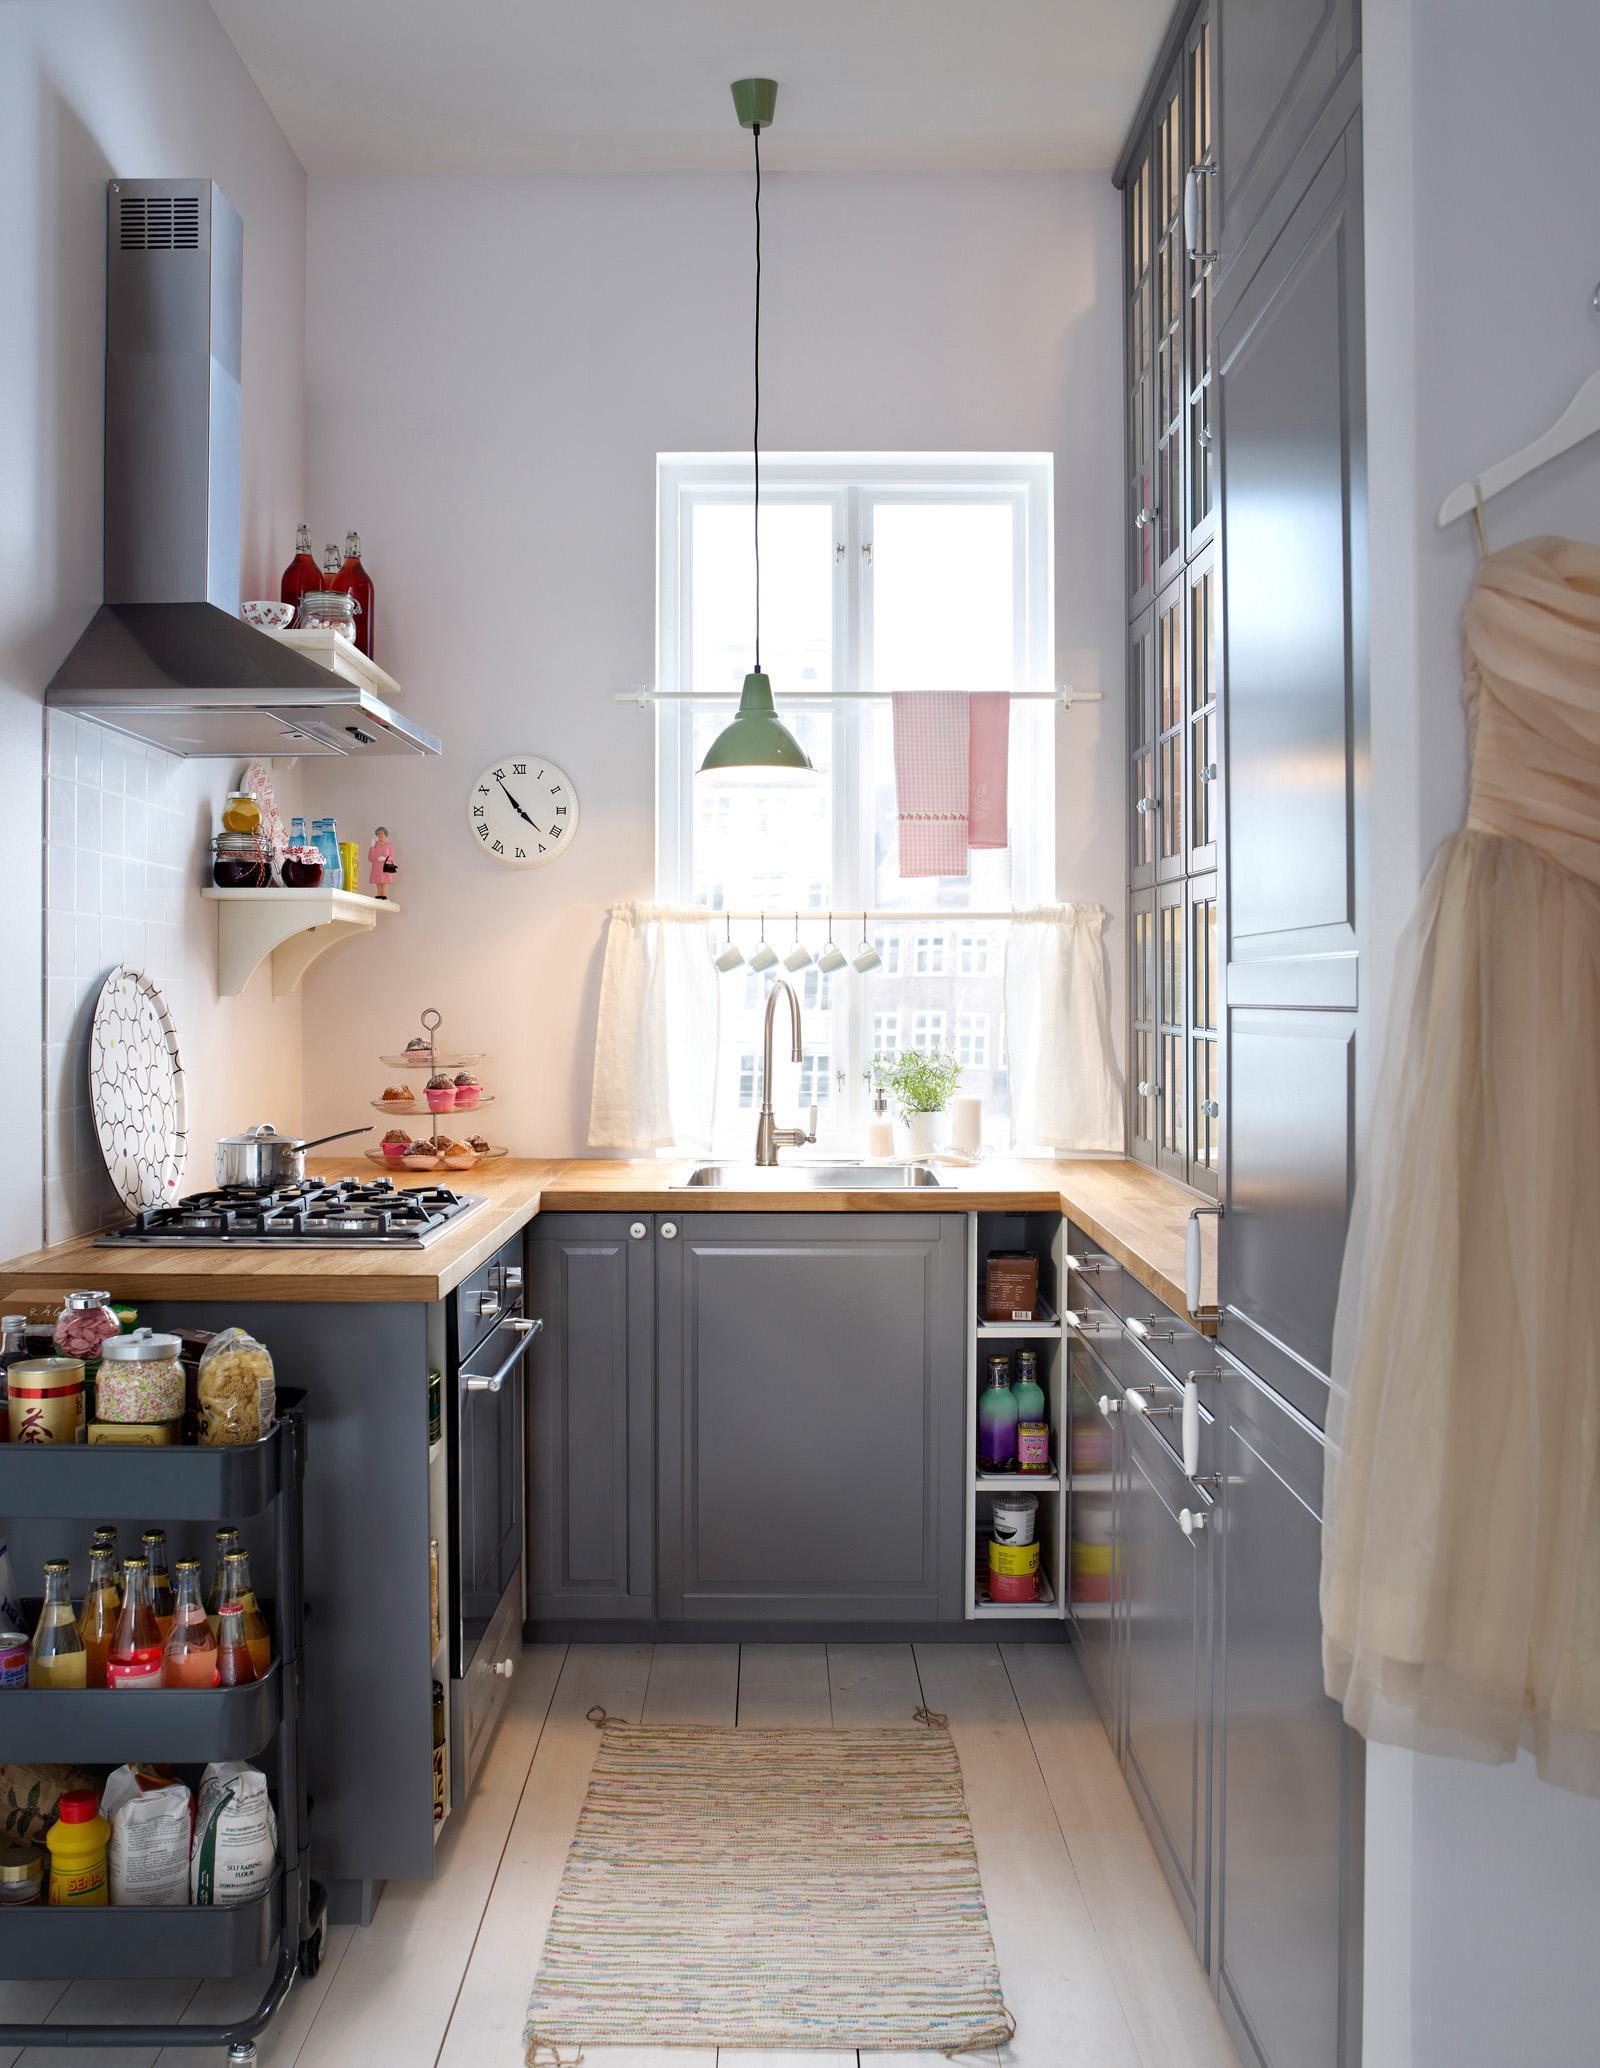 Full Size of Küche Aufbewahrung Wand Ideen Kleine Küche Aufbewahrung Küche Aufbewahrung Vintage Küche Aufbewahrung Ideen Küche Küche Aufbewahrung